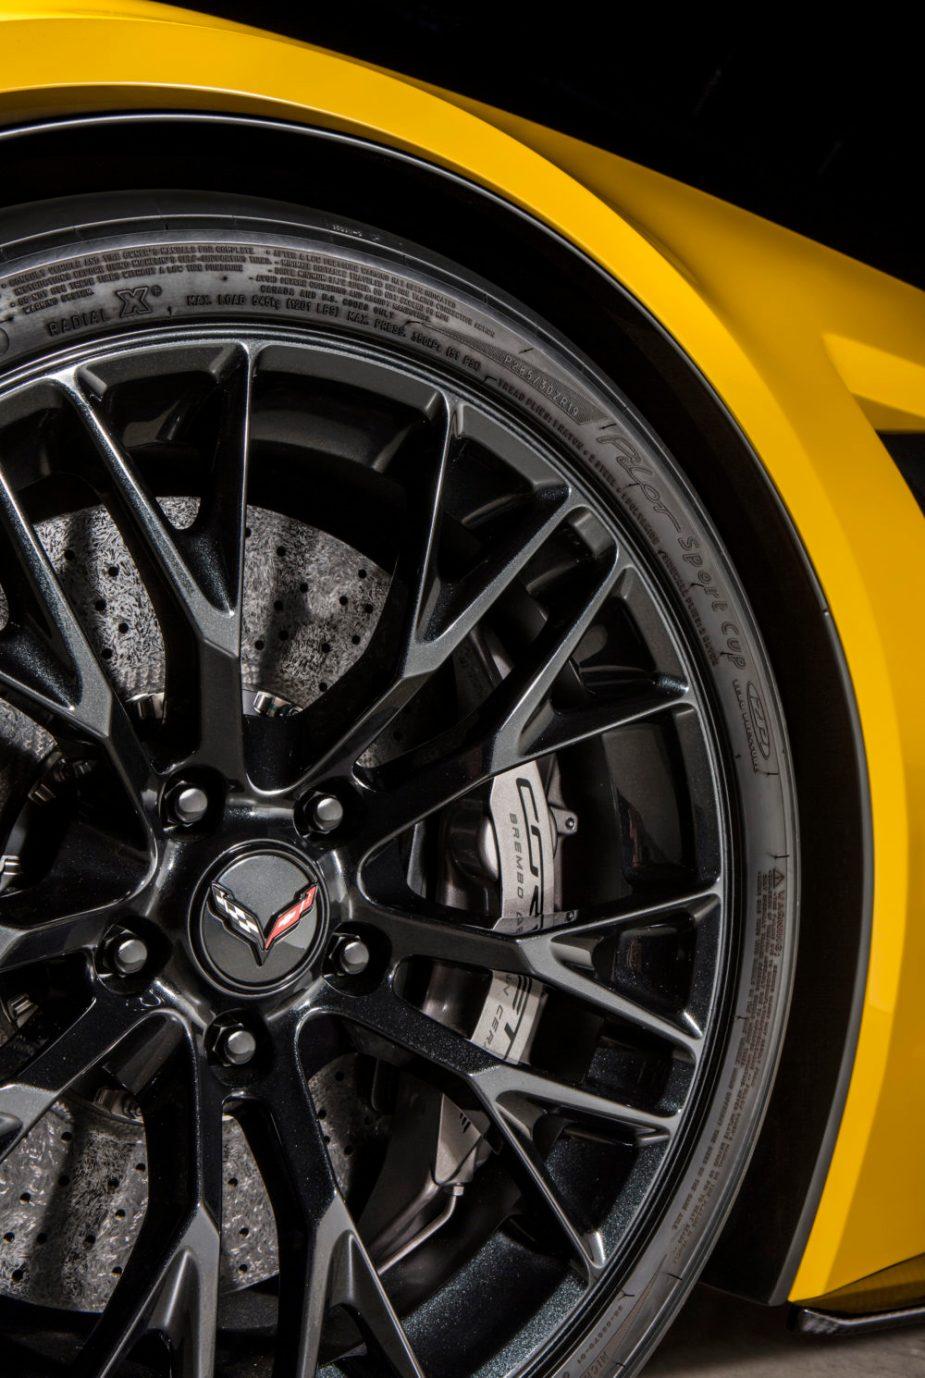 2015 Chevrolet Corvette Z06 Tire